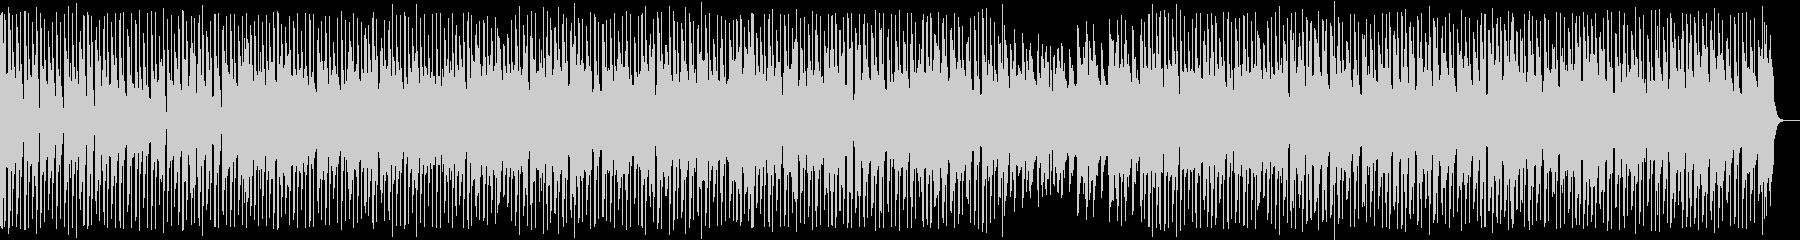 きらびやかなファンクディスコ_612_1の未再生の波形